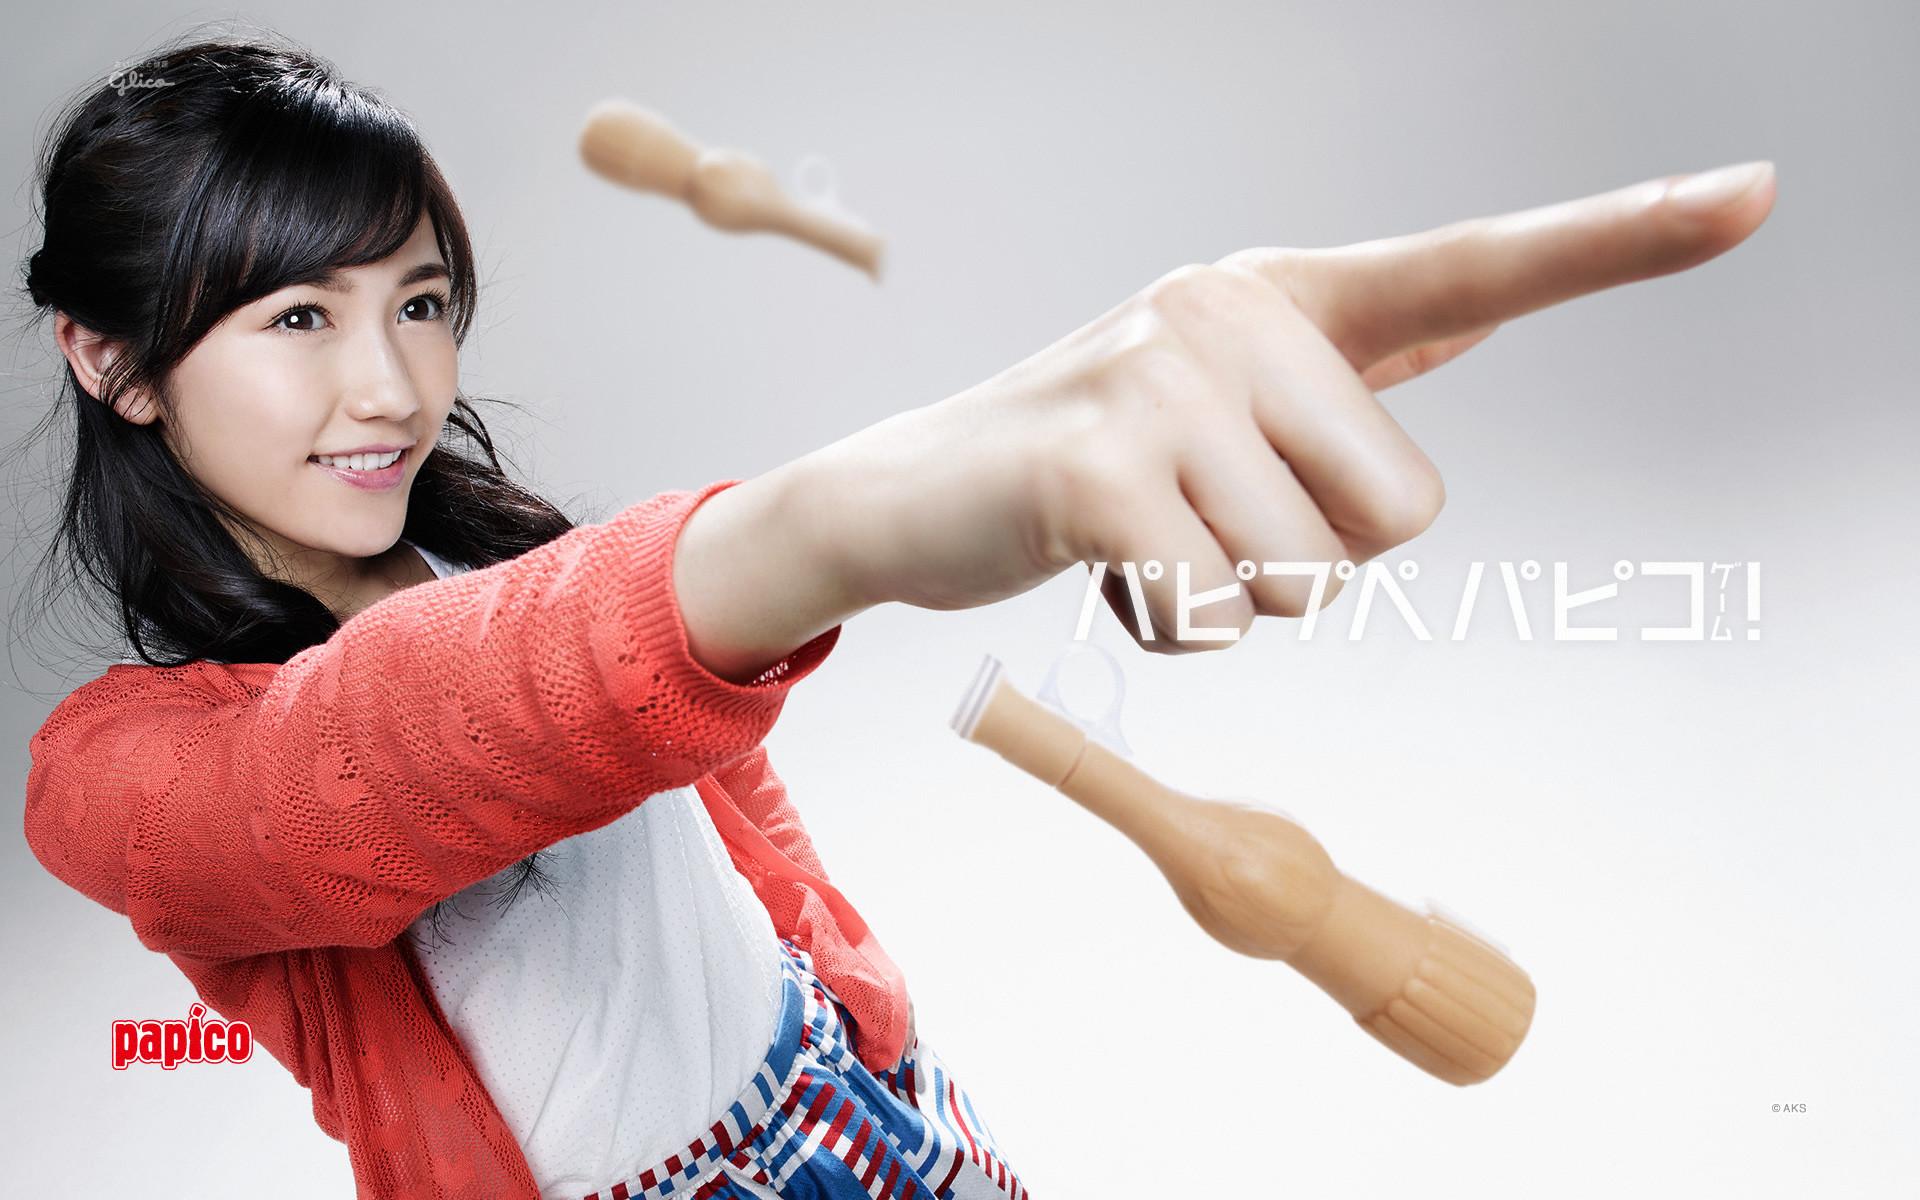 AKB48 Wallpaper,Papico